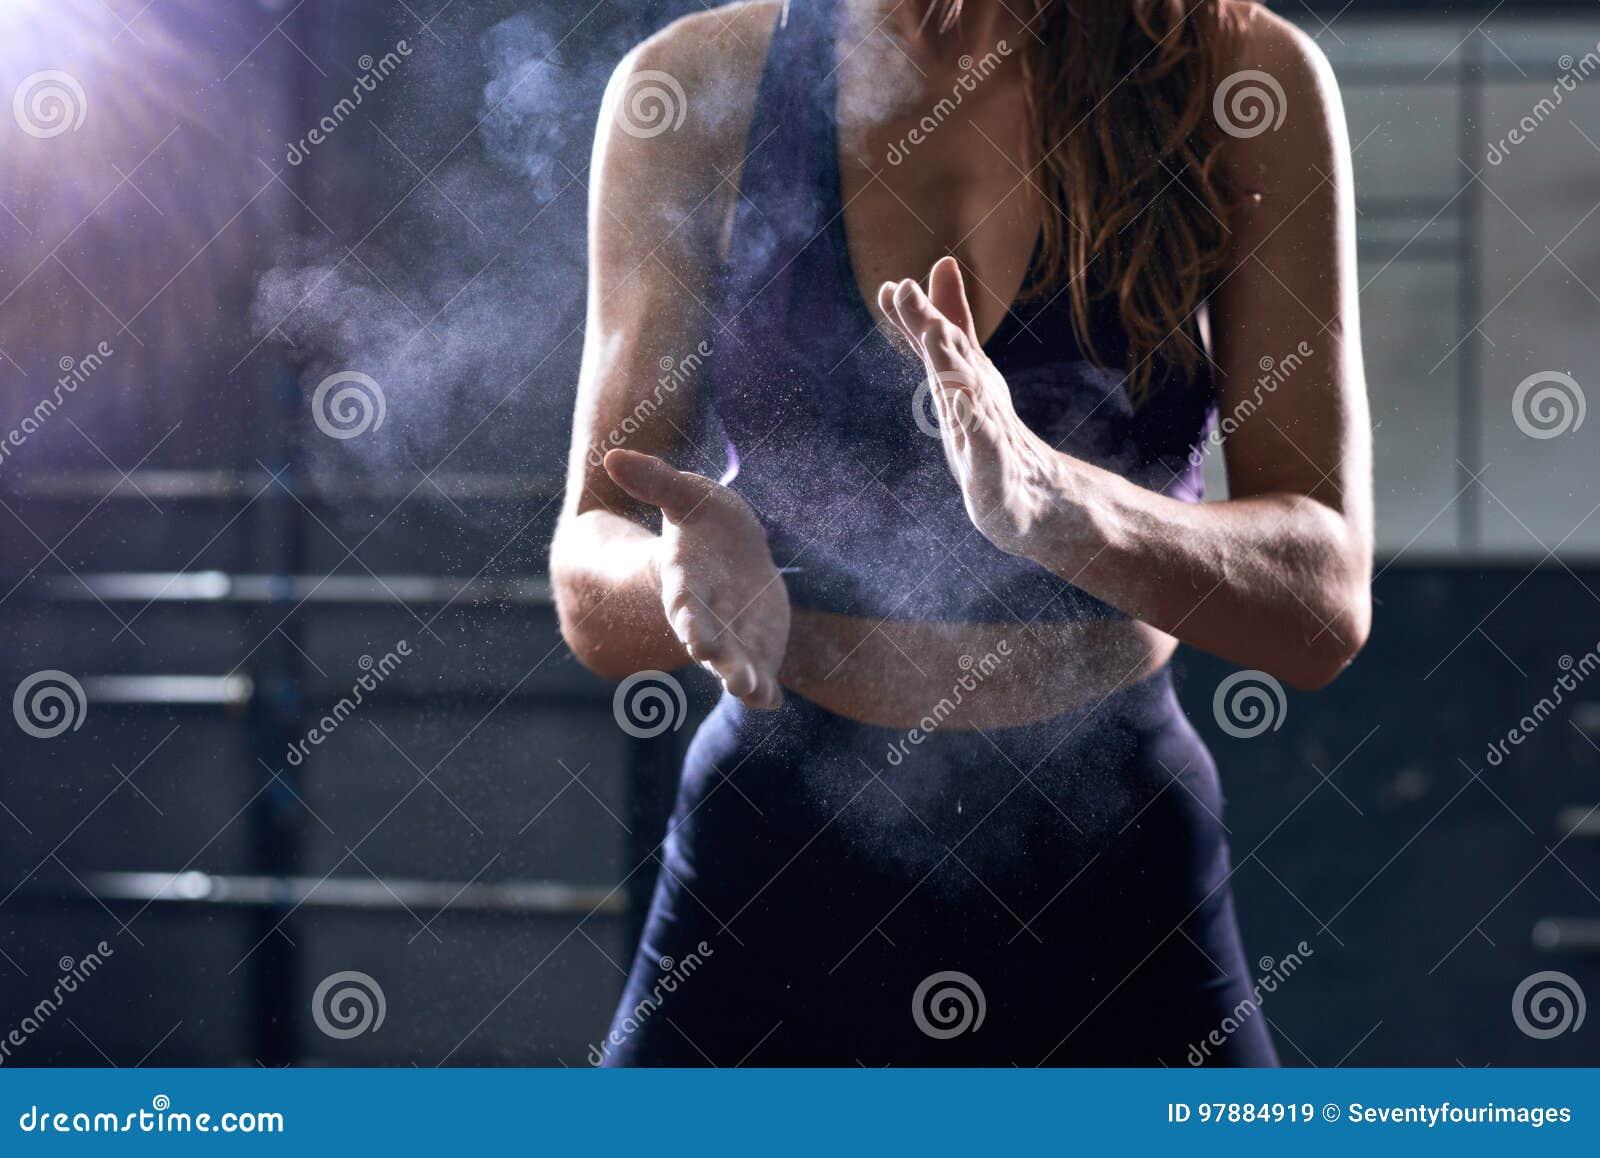 Frau, die Gespräch vor intensivem Training verwendet